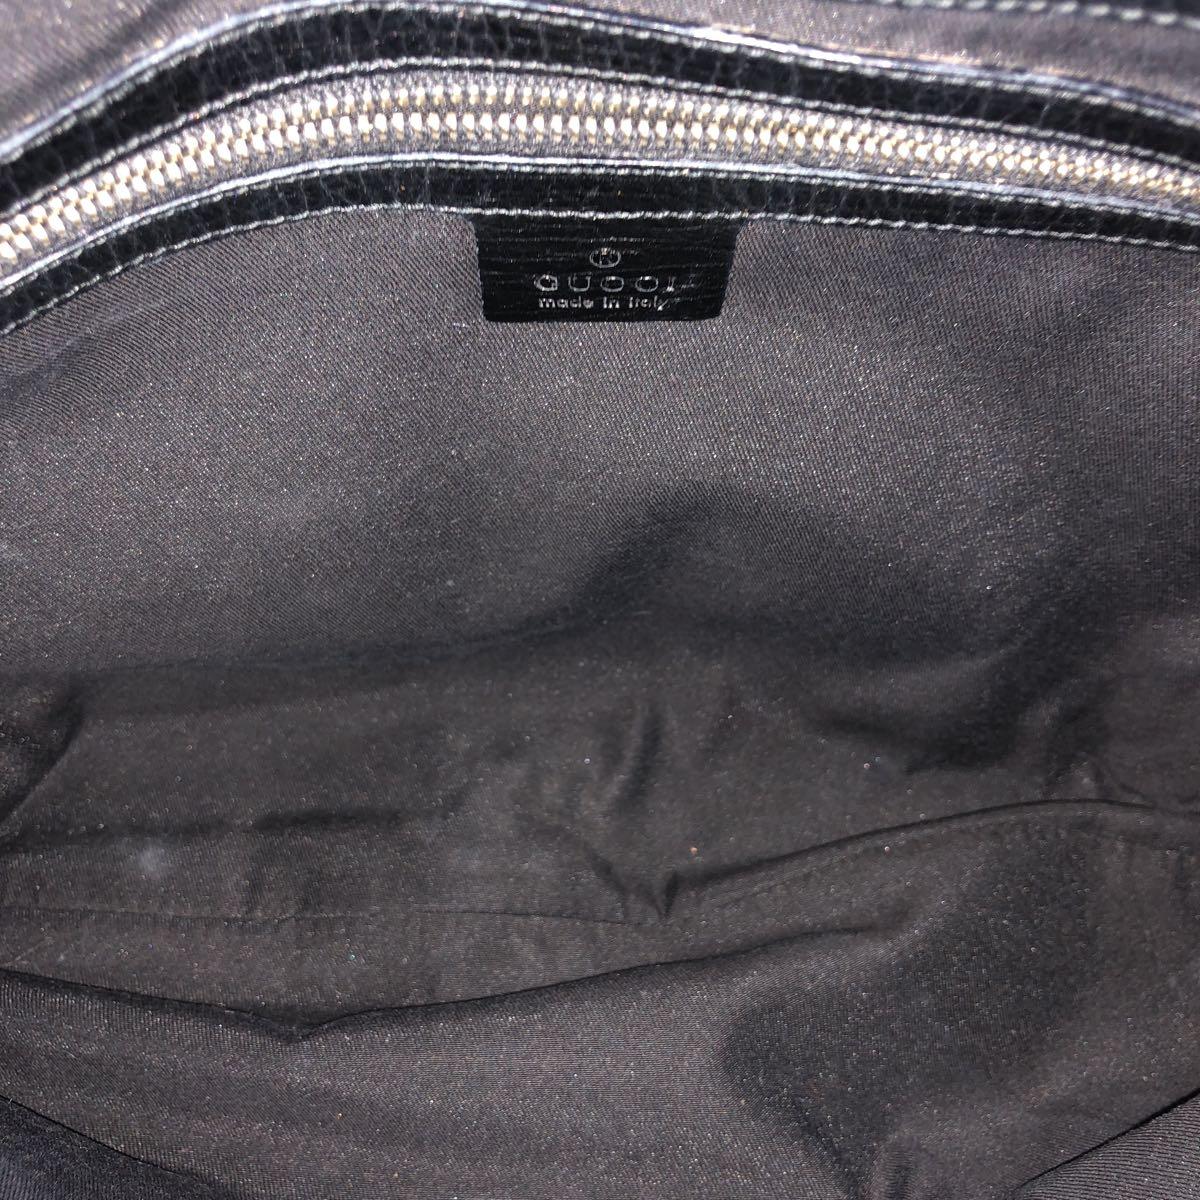 良品 GUCCI グッチ ハンドバック バック バッグ カバン ワンショル GG 金具 保存袋あり 1円~_画像7